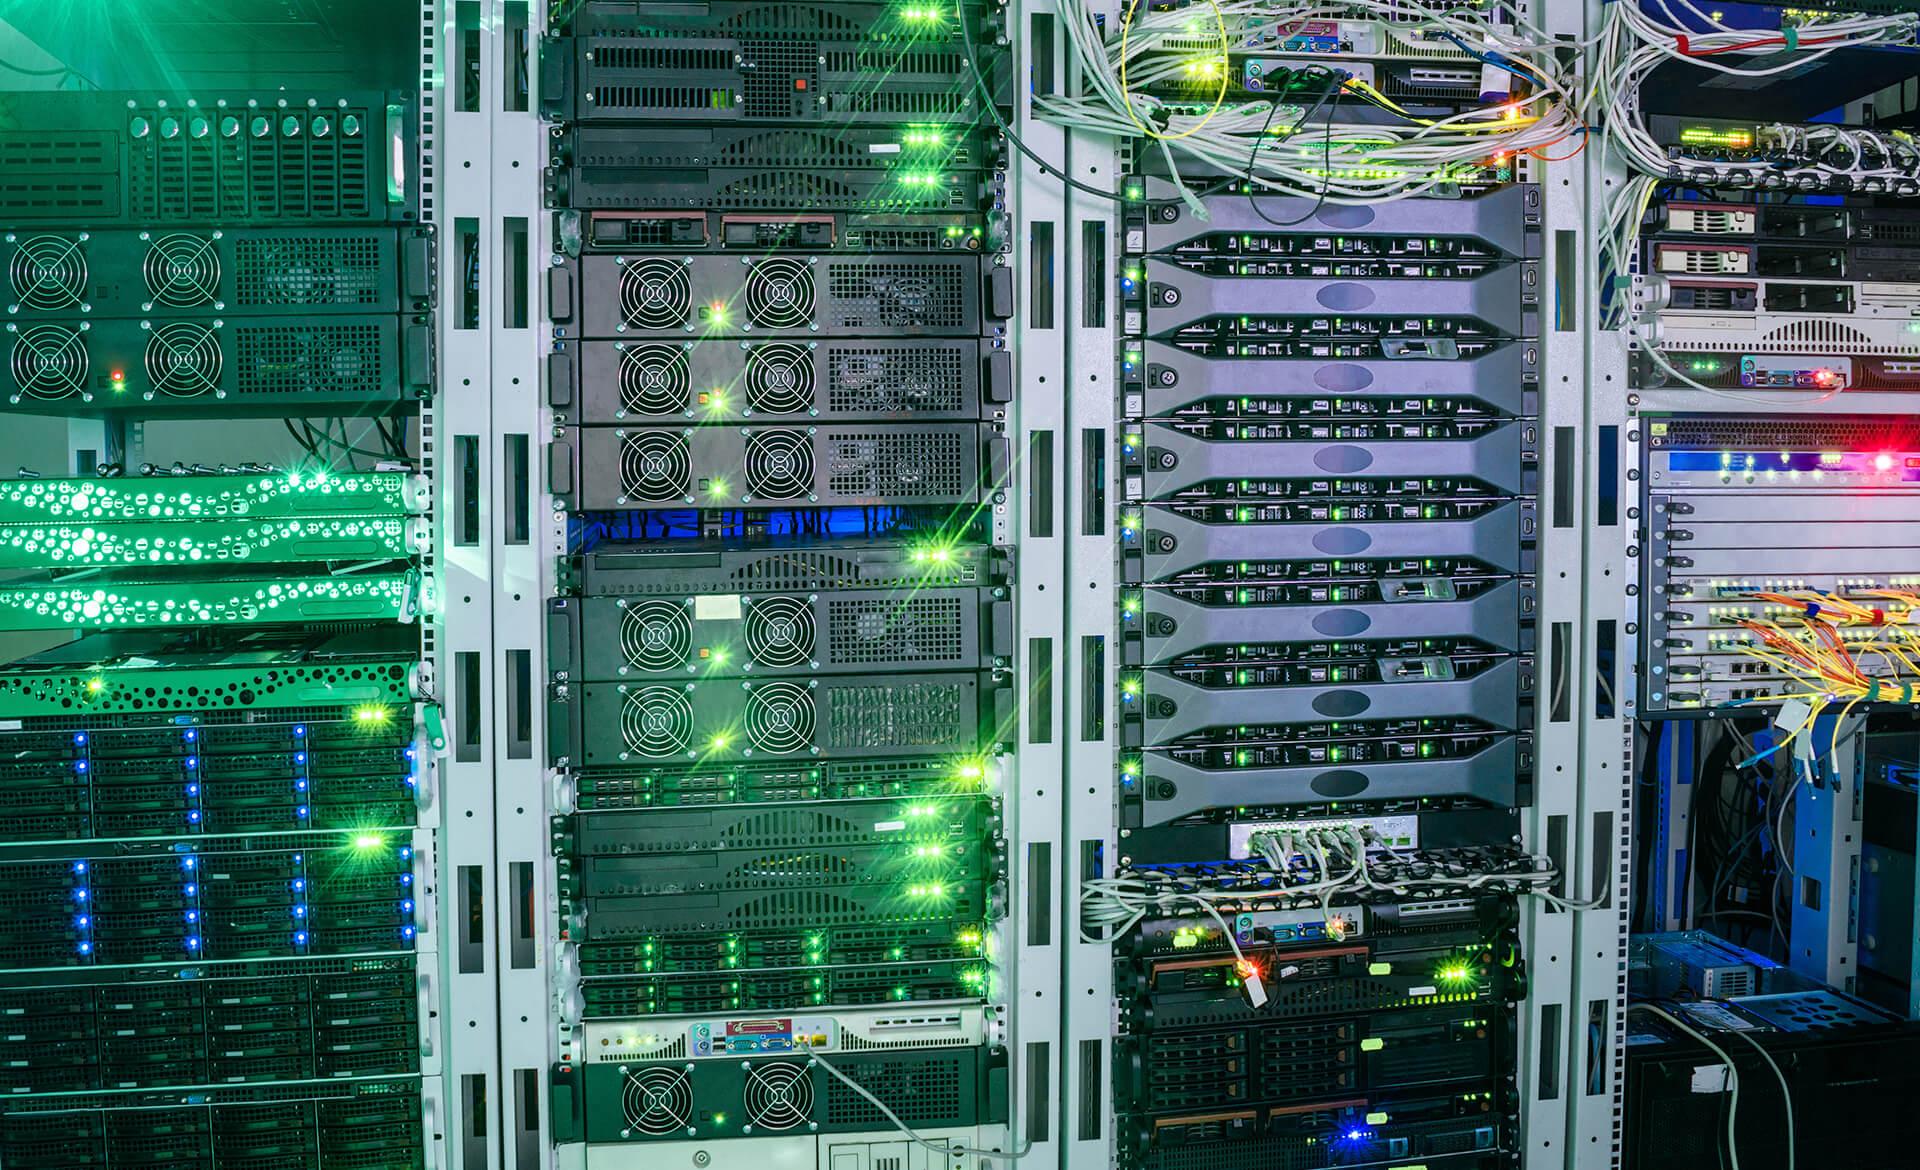 Produkt und Fachkompetenz Akkordeon Datennetzwerk und Kommunikationstechnik